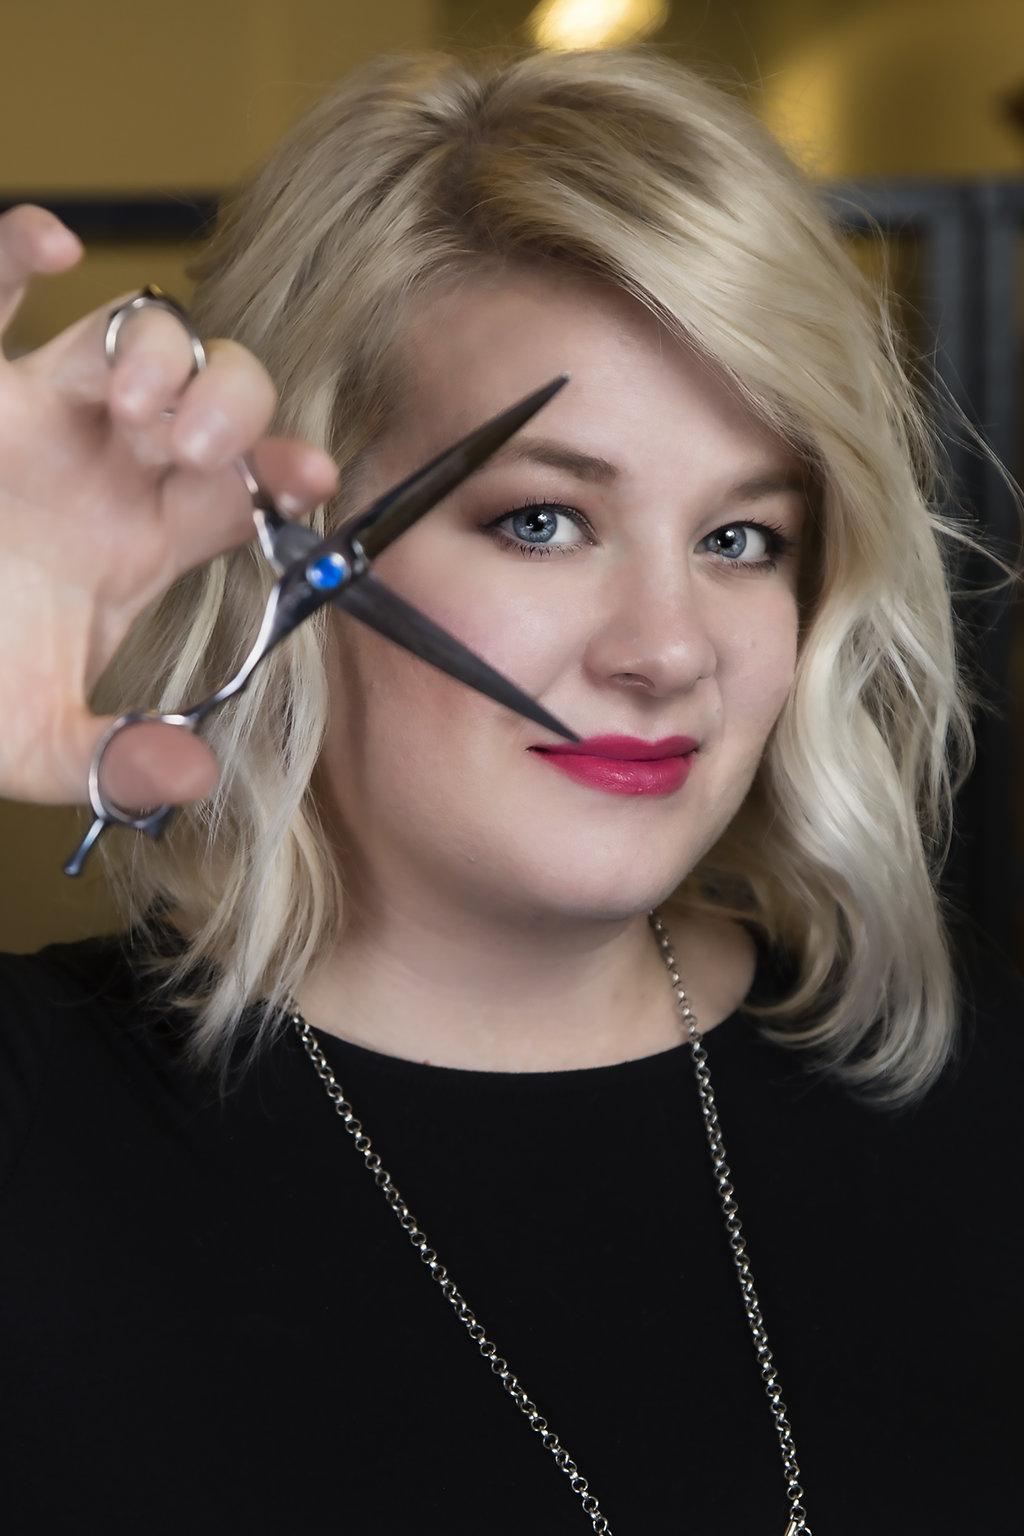 Courtney A. - Stylist & Nail Tech